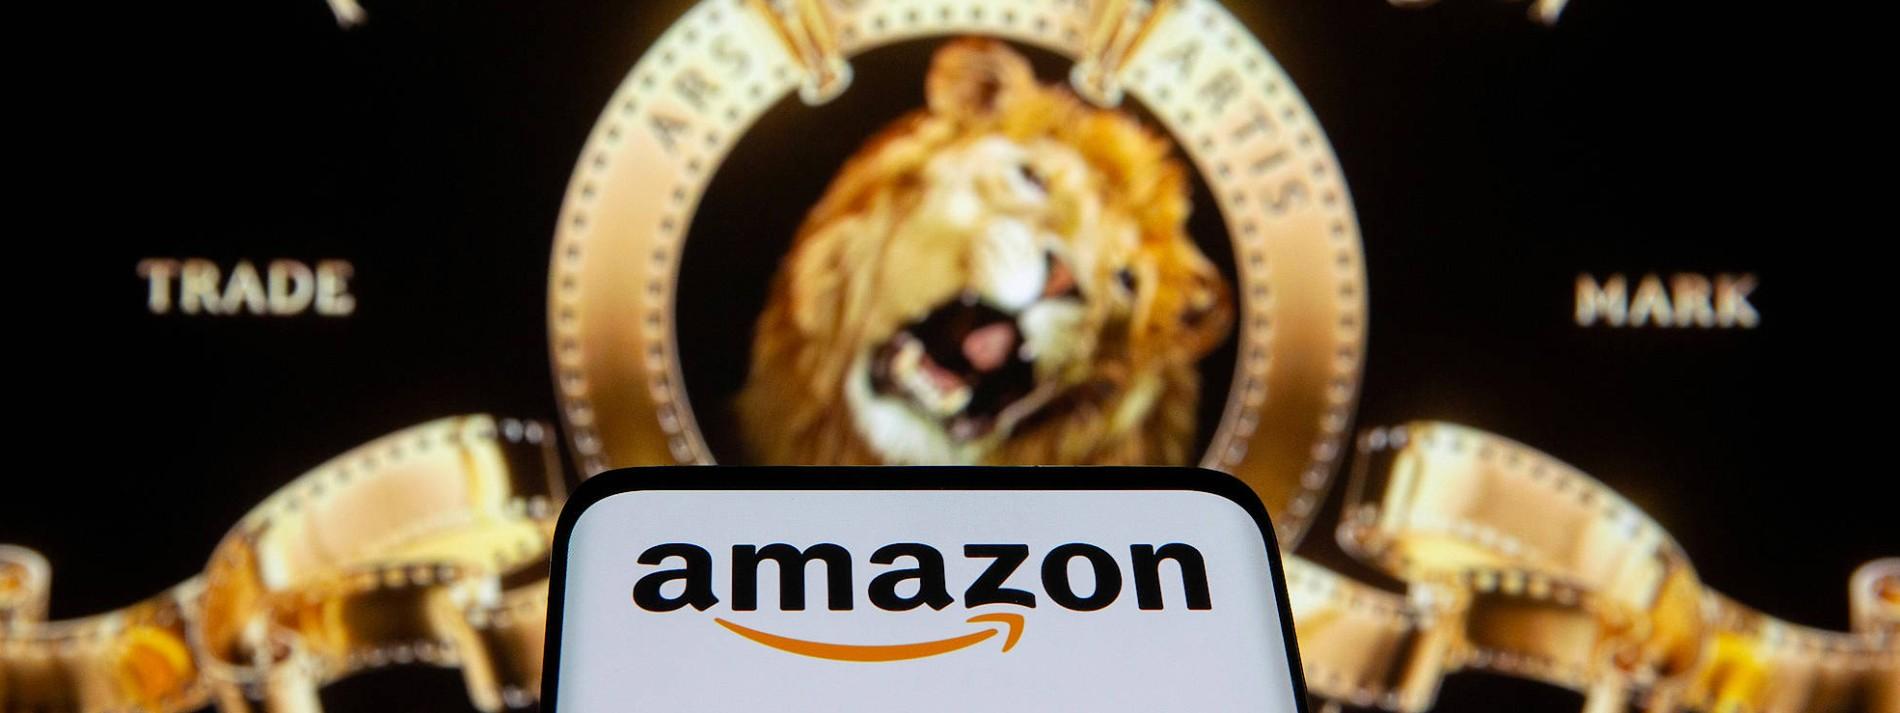 Warum Amazon jetzt MGM kauft